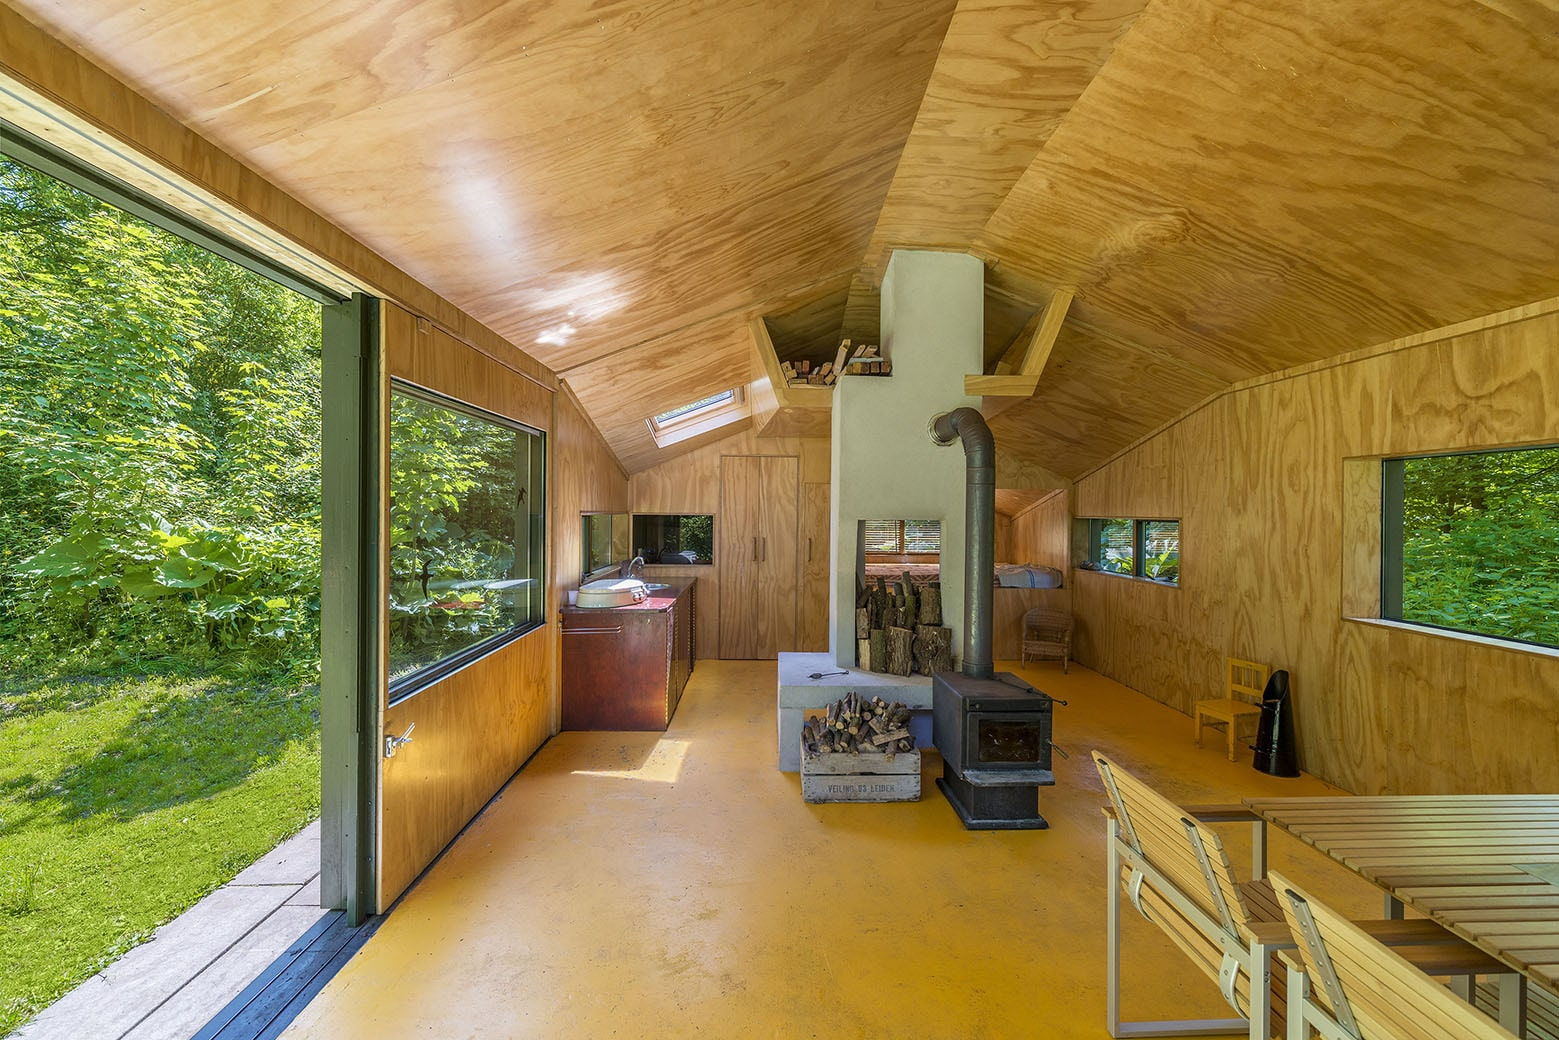 Dise o de caba a peque a de 35 metros cuadrados for Diseno de paredes interiores casas